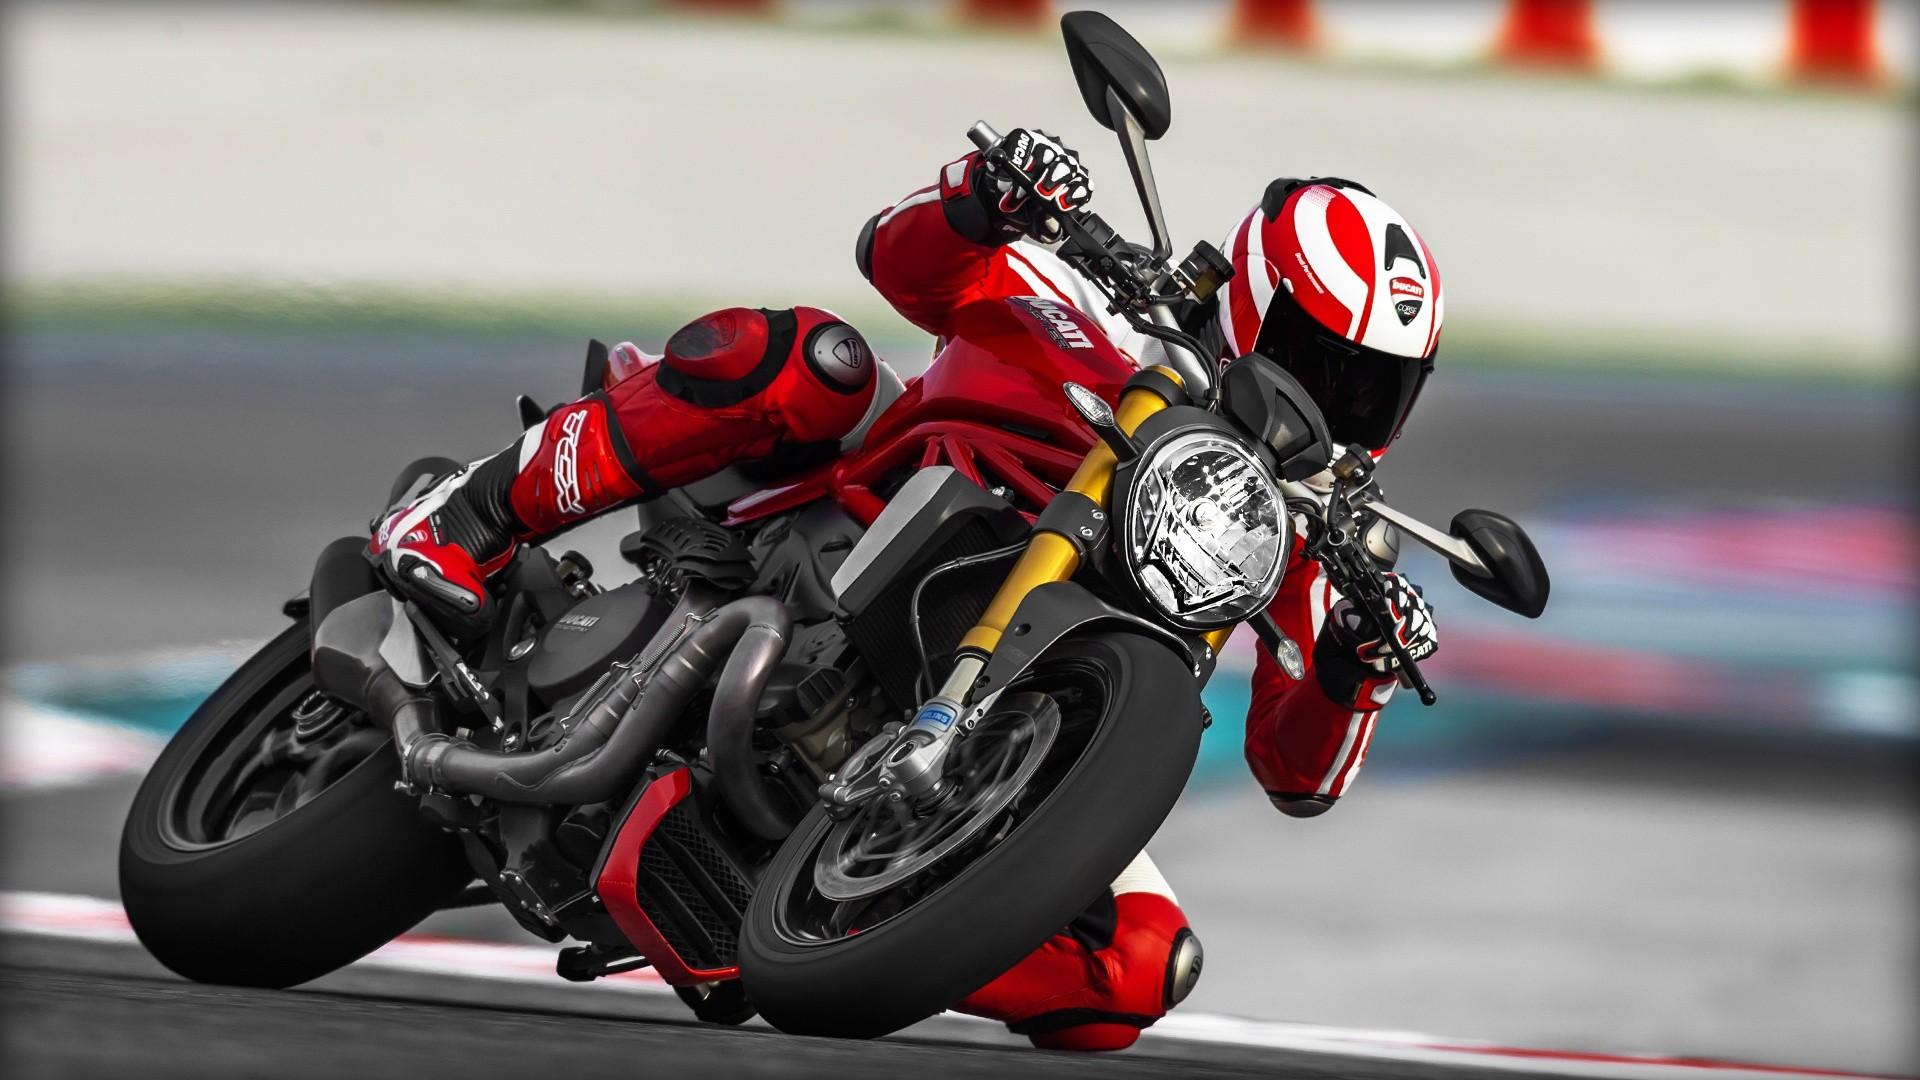 2014 Ducati Monster 1200 Mega Gallery - Asphalt & Rubber